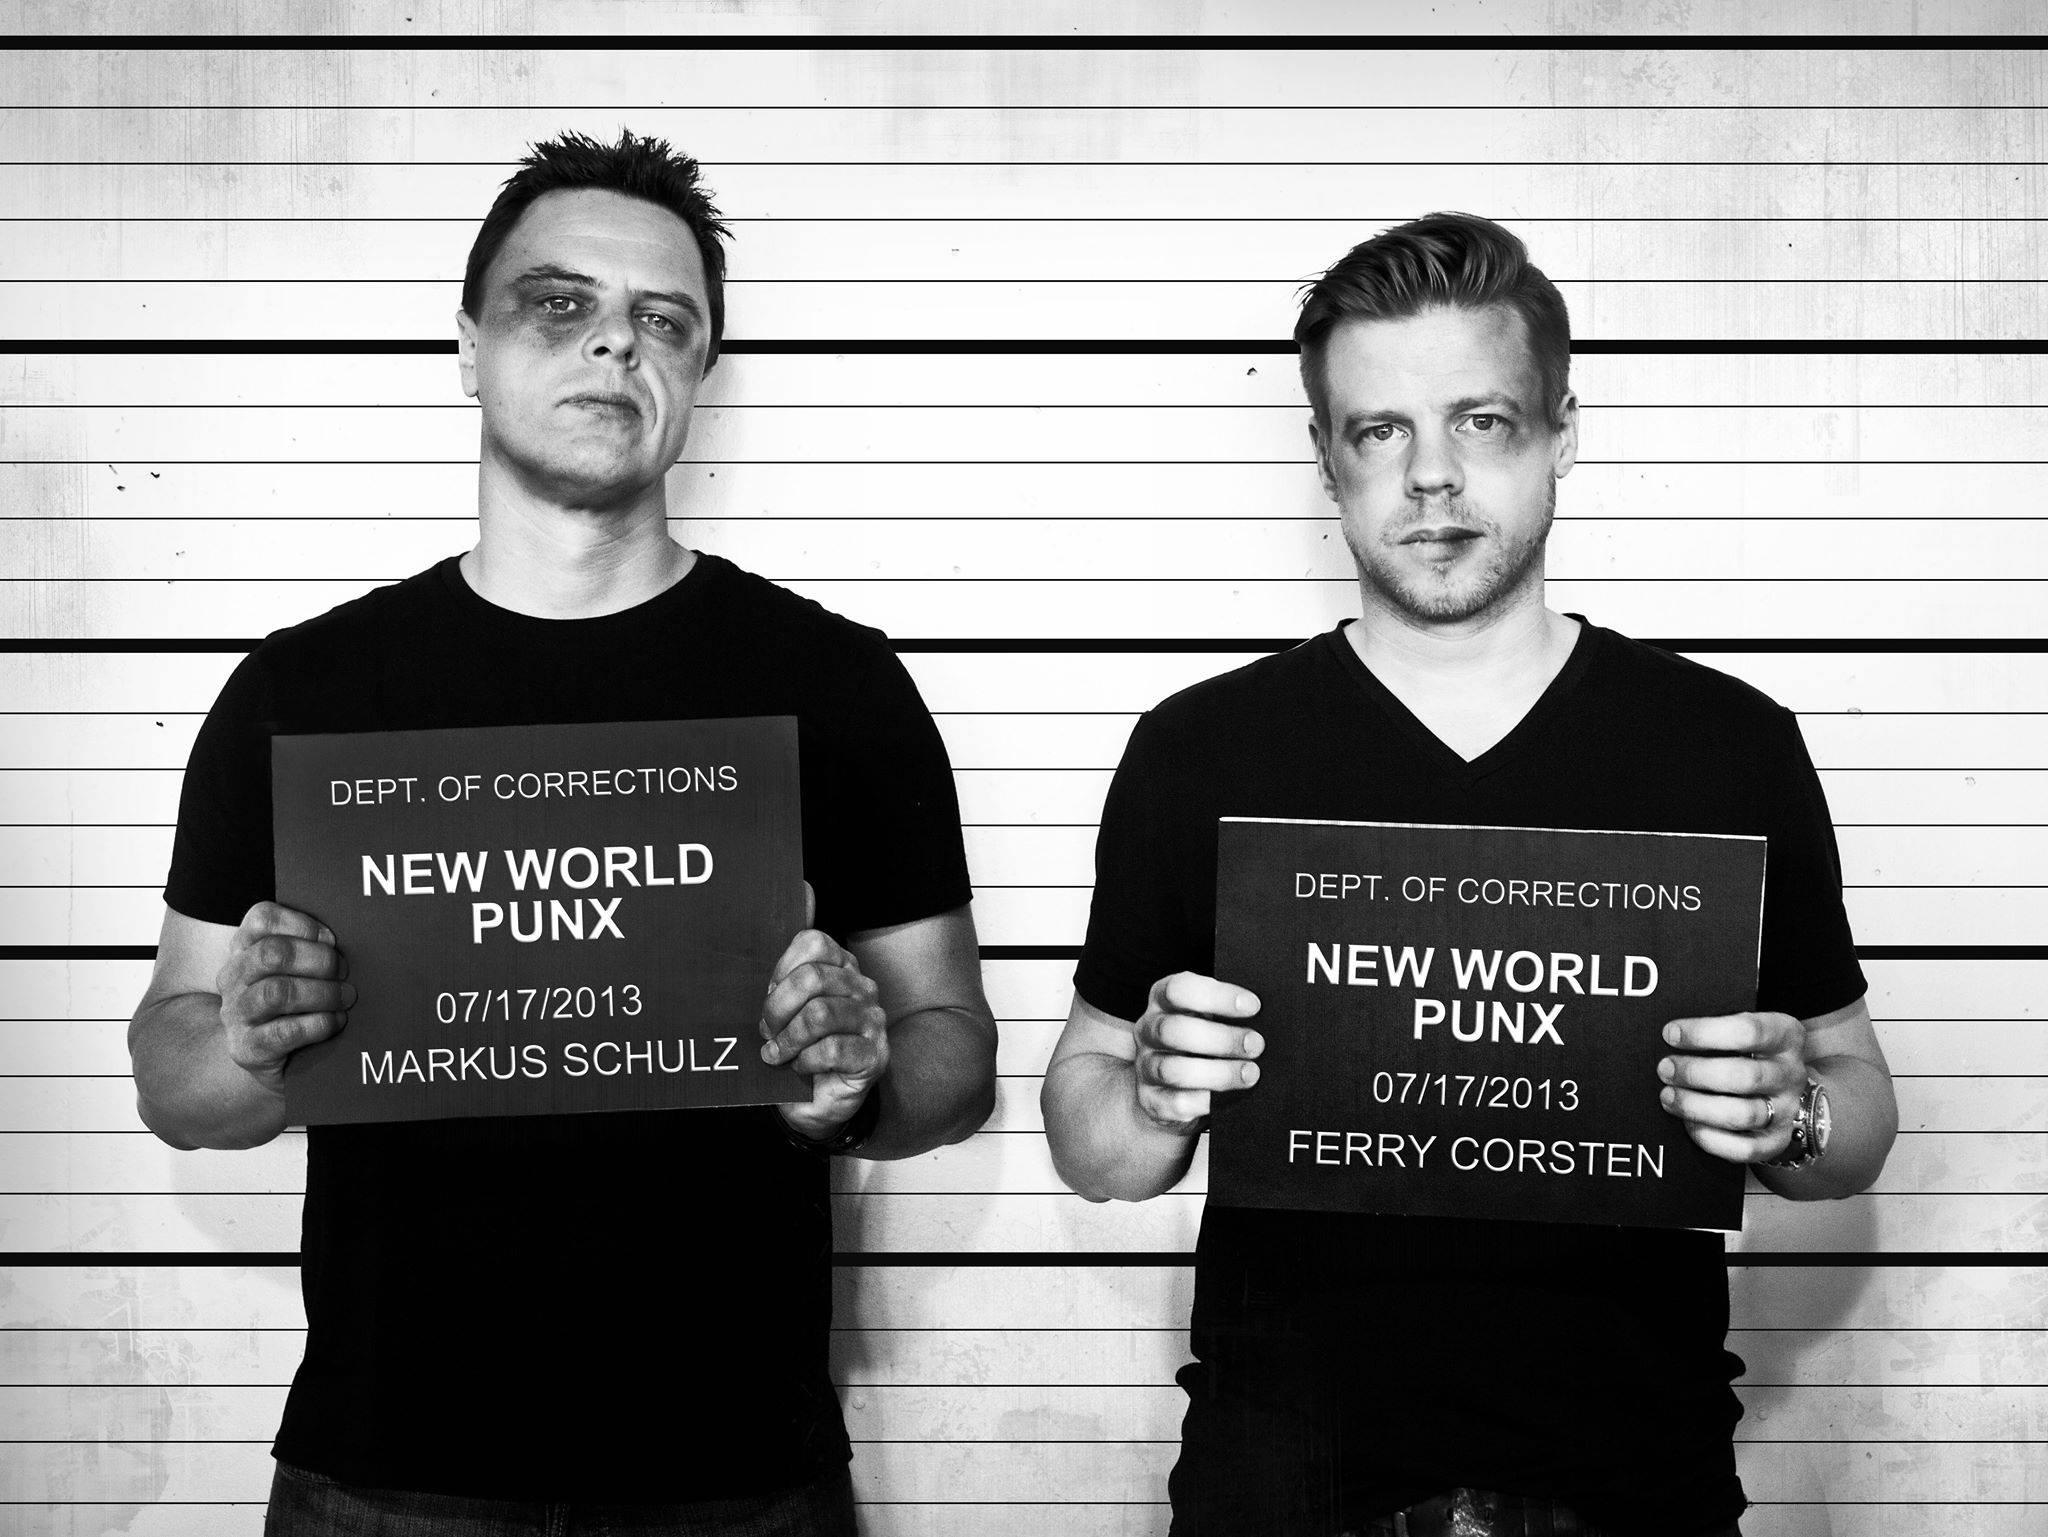 source: New World Punx